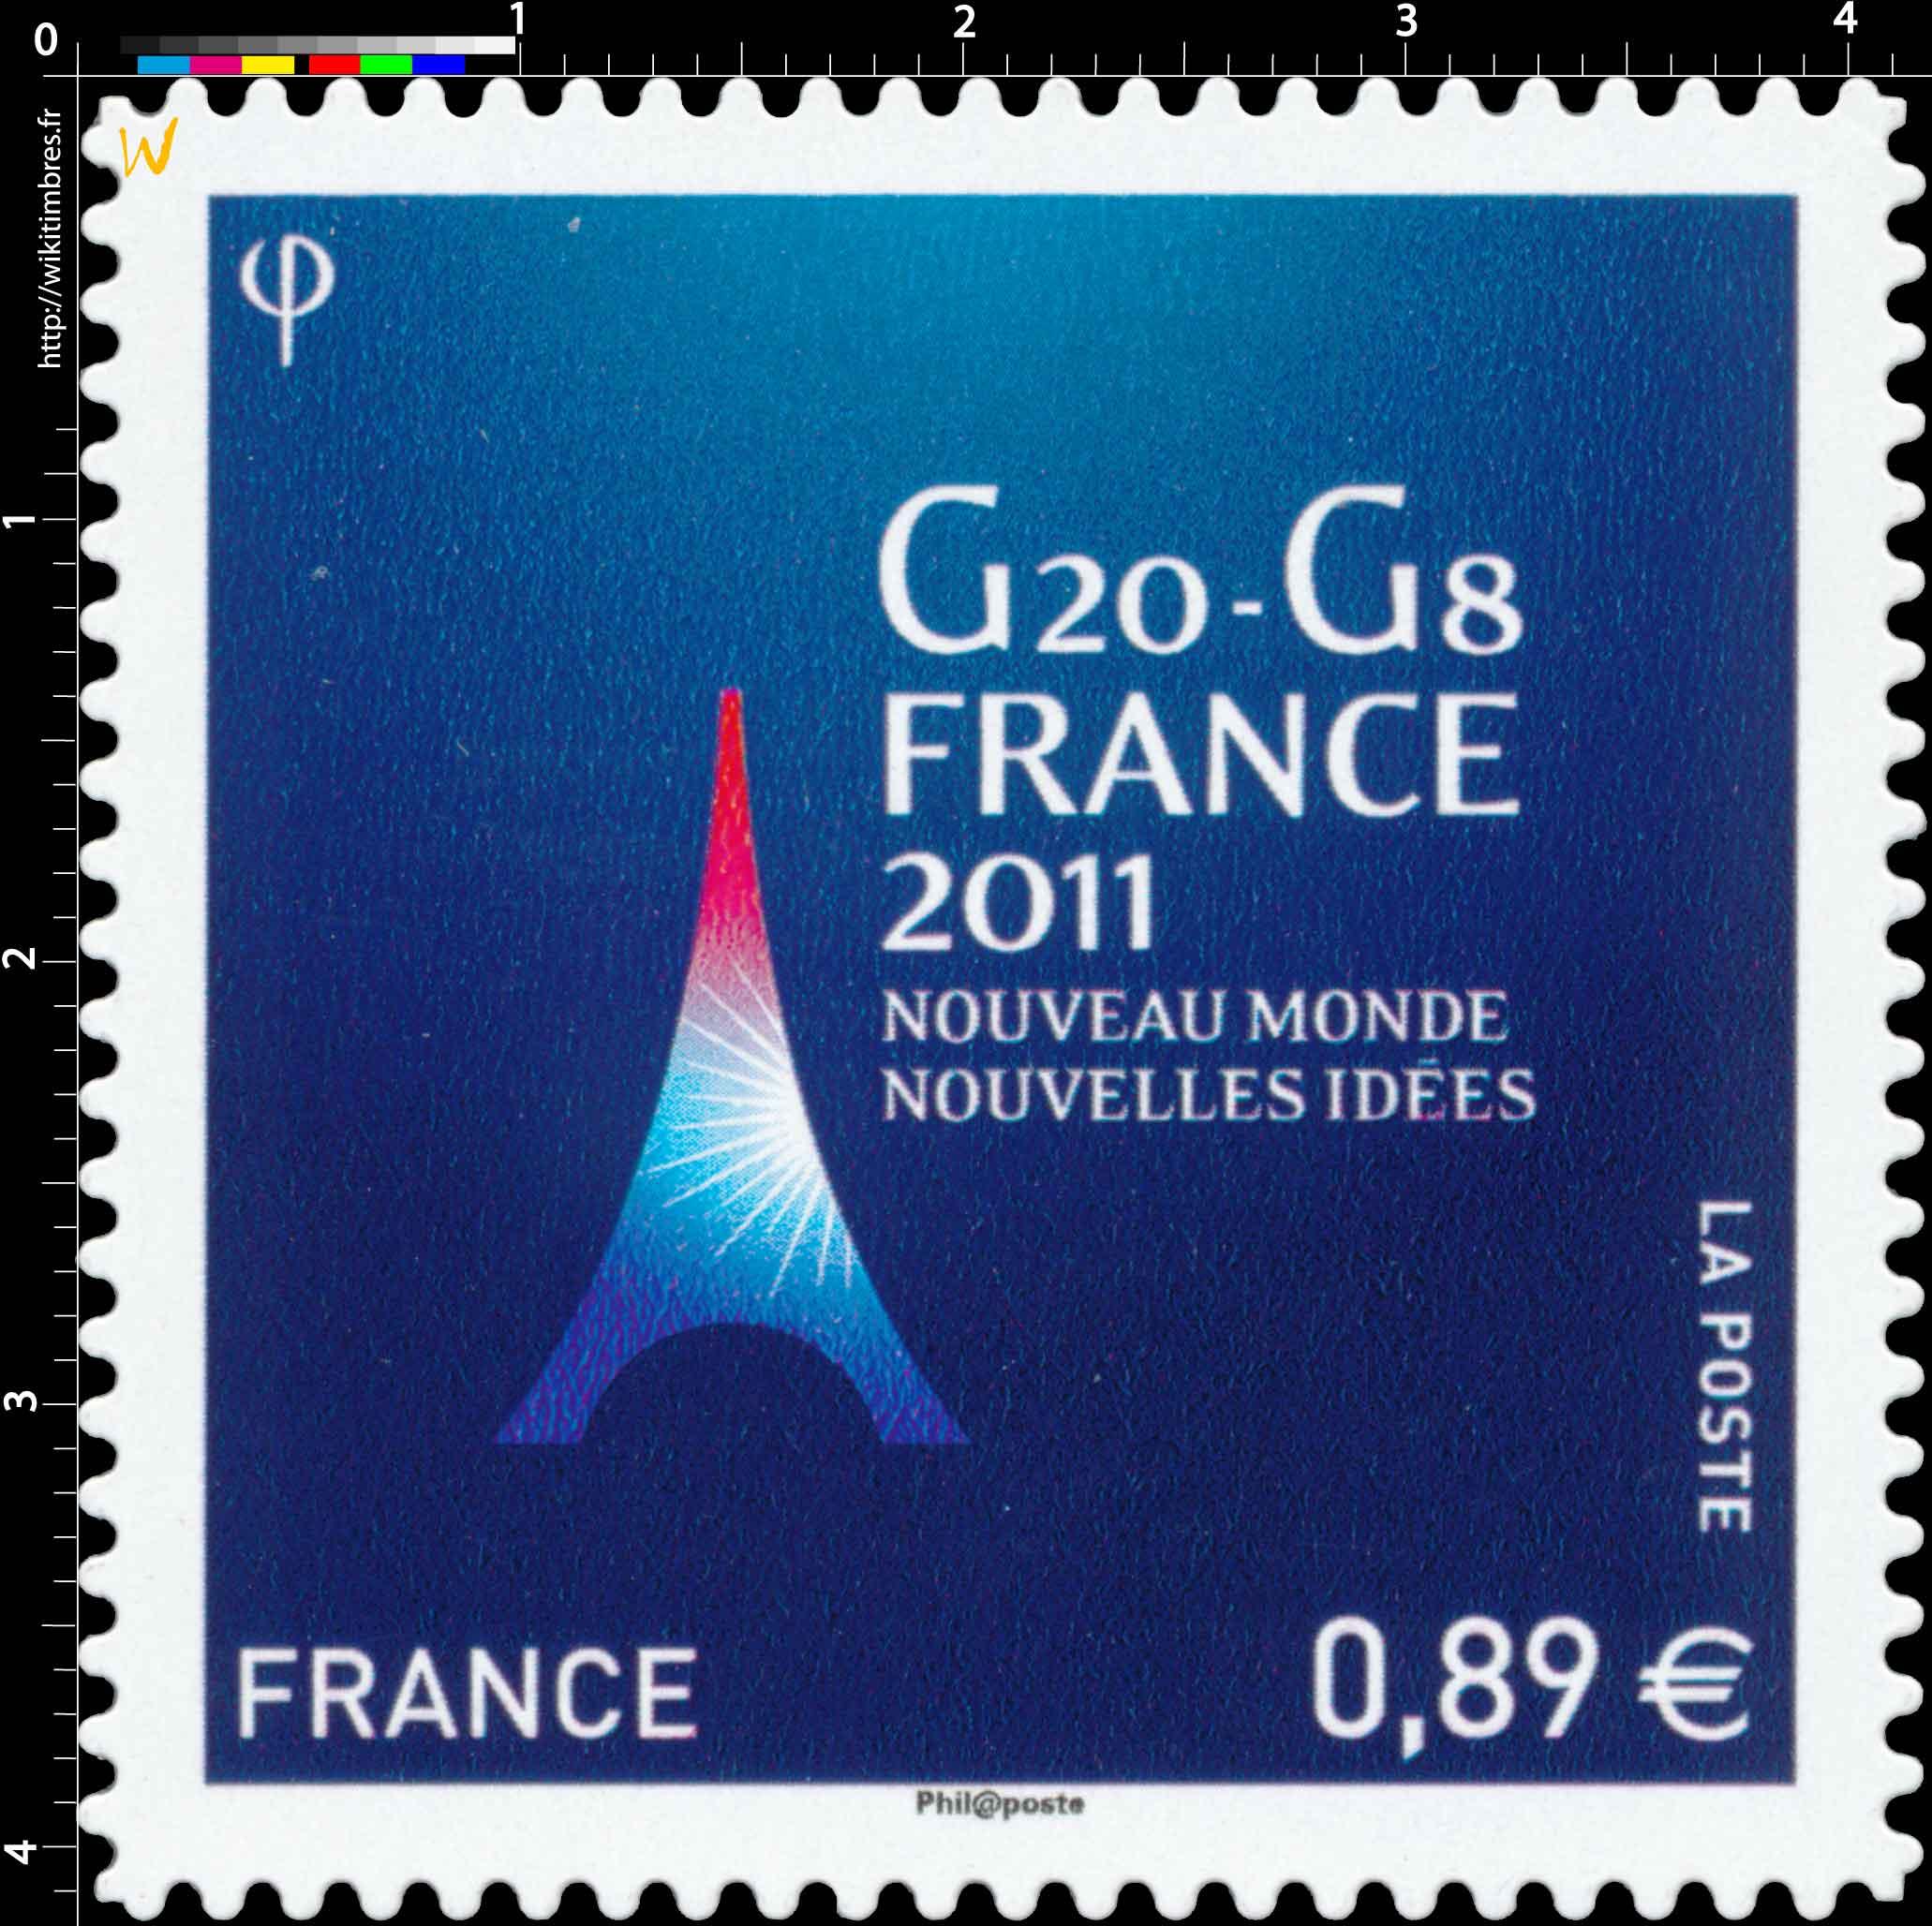 2011 G20 - G8 France 2011 Nouveau monde Nouvelles idées